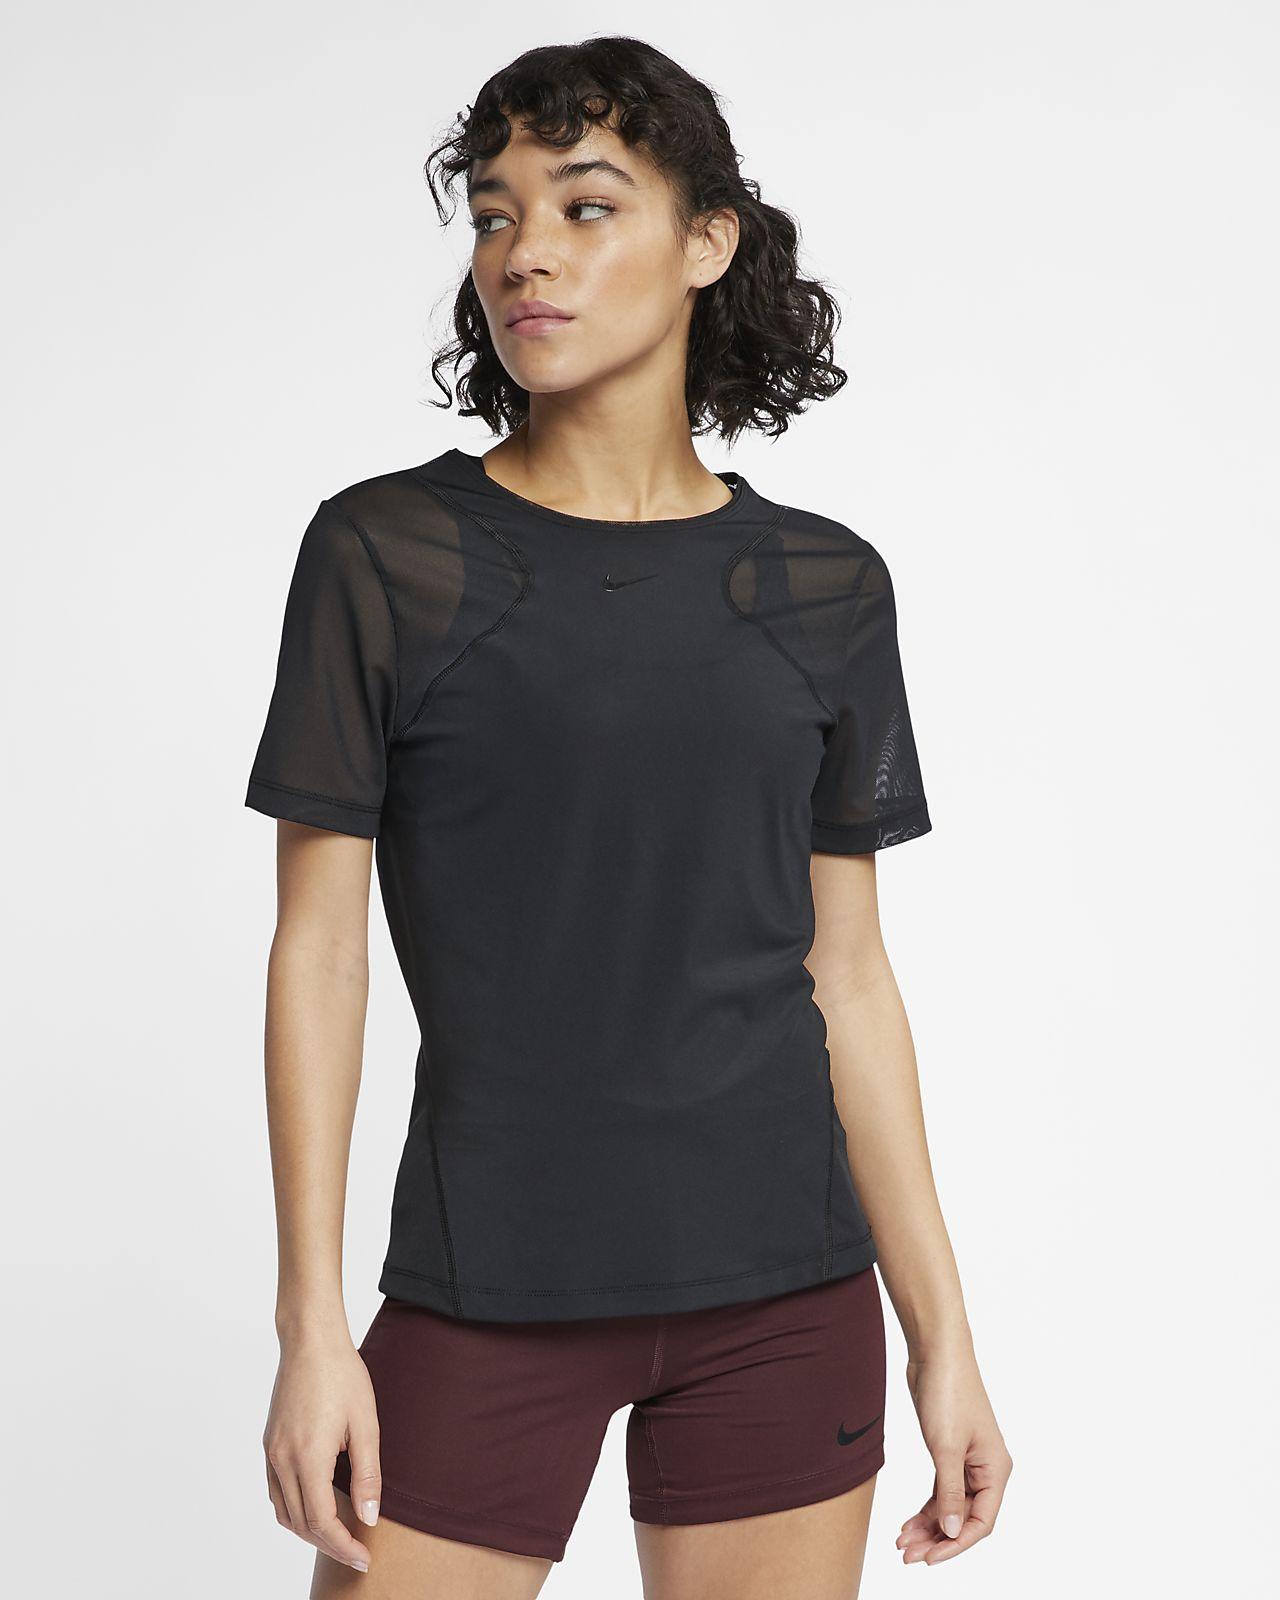 Nike Pro HyperCool Women's Short-Sleeve Top